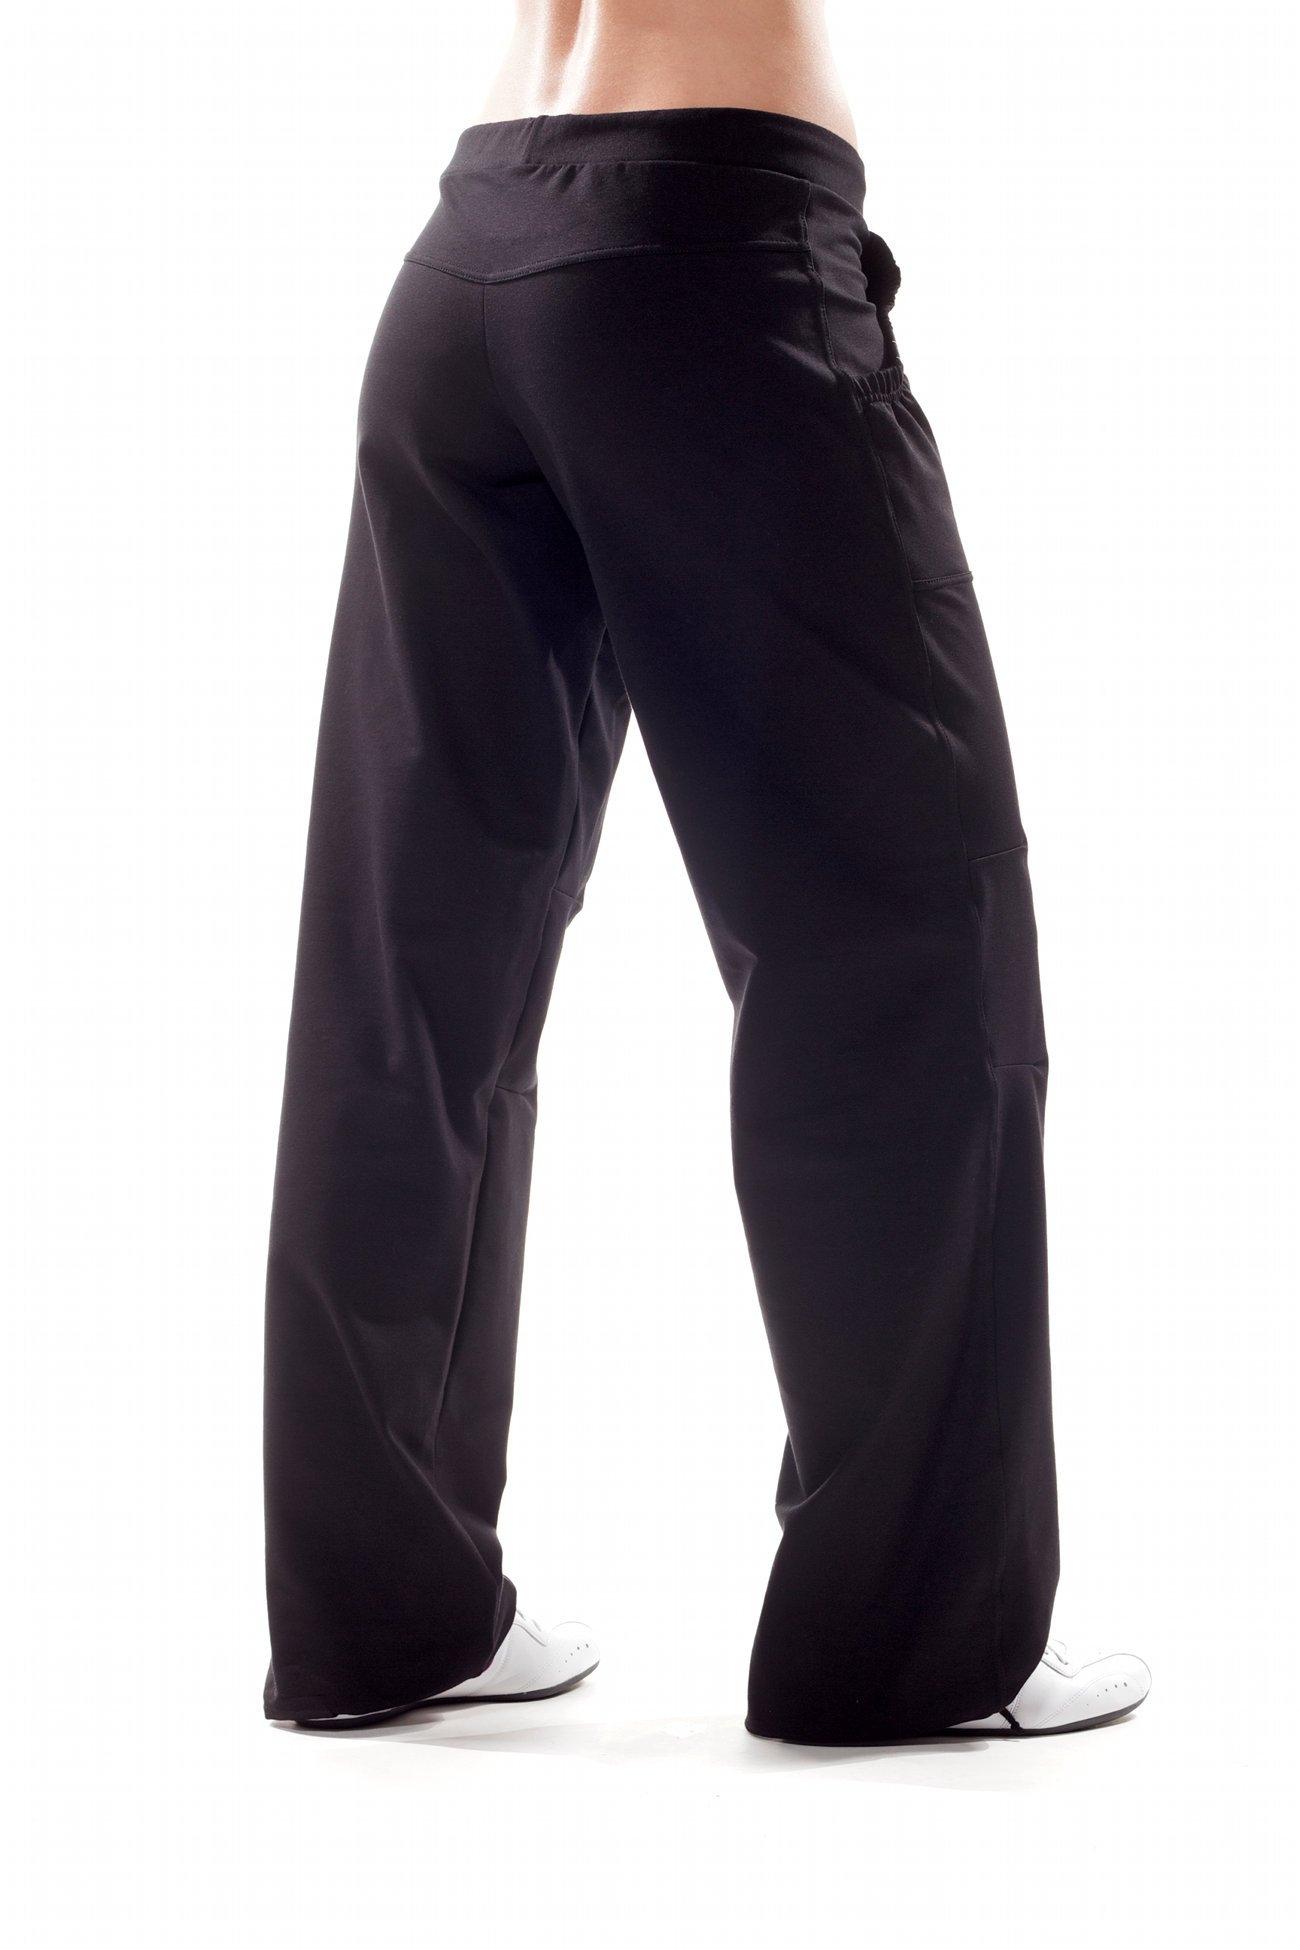 Winshape sportbroek »WTE9« voordelig en veilig online kopen